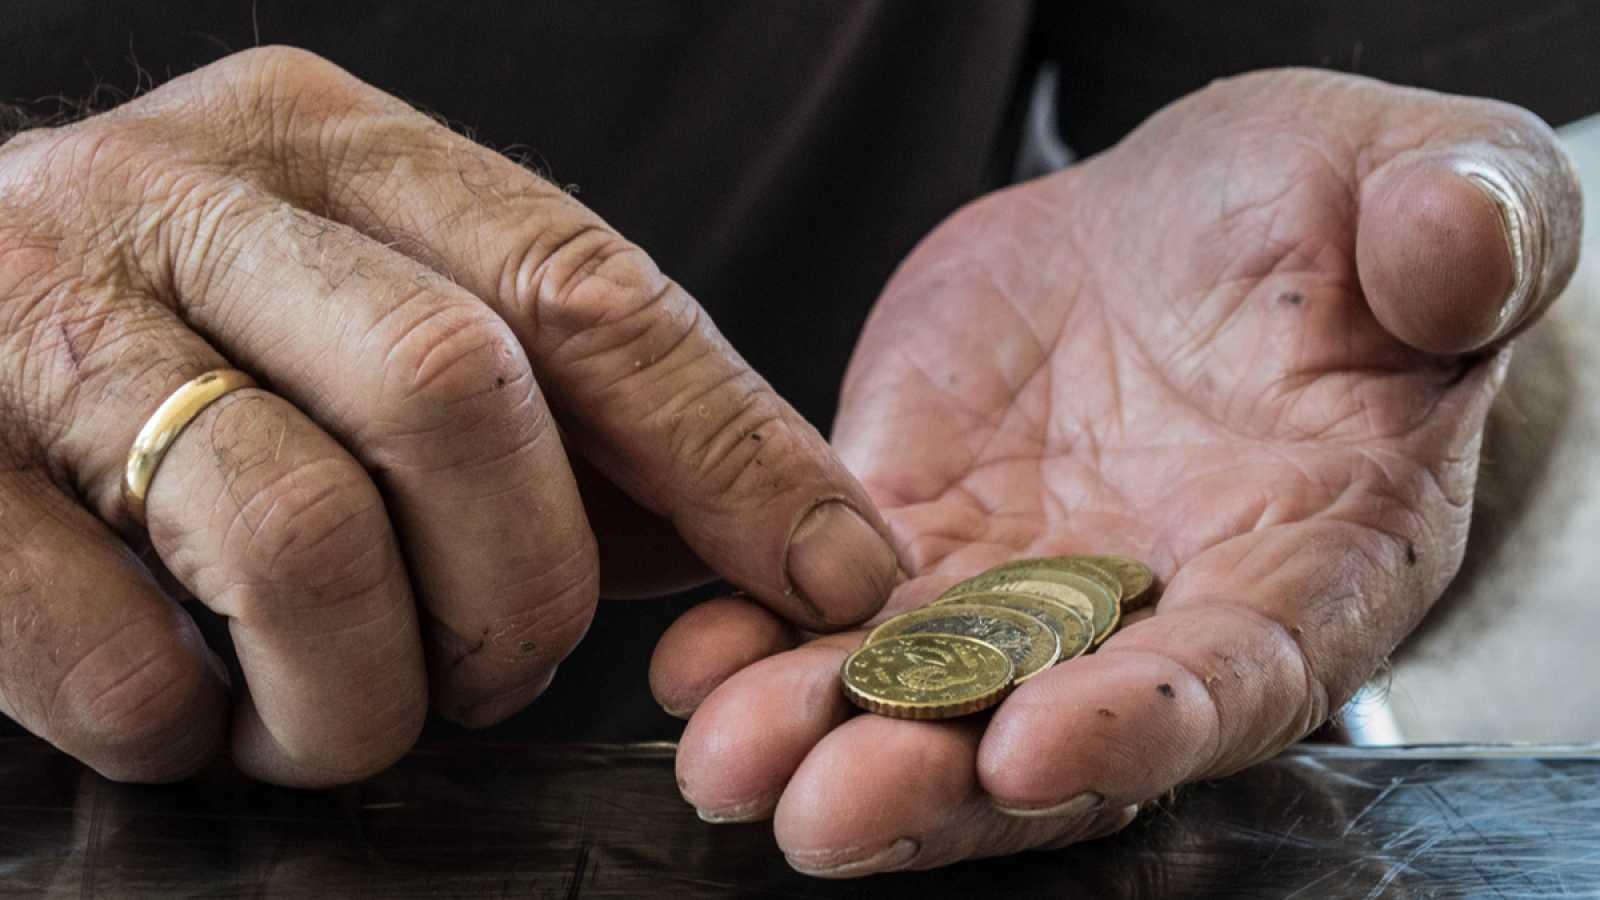 Destapan un fraude de seis millones de euros por el cobro de pensiones de personas fallecidas